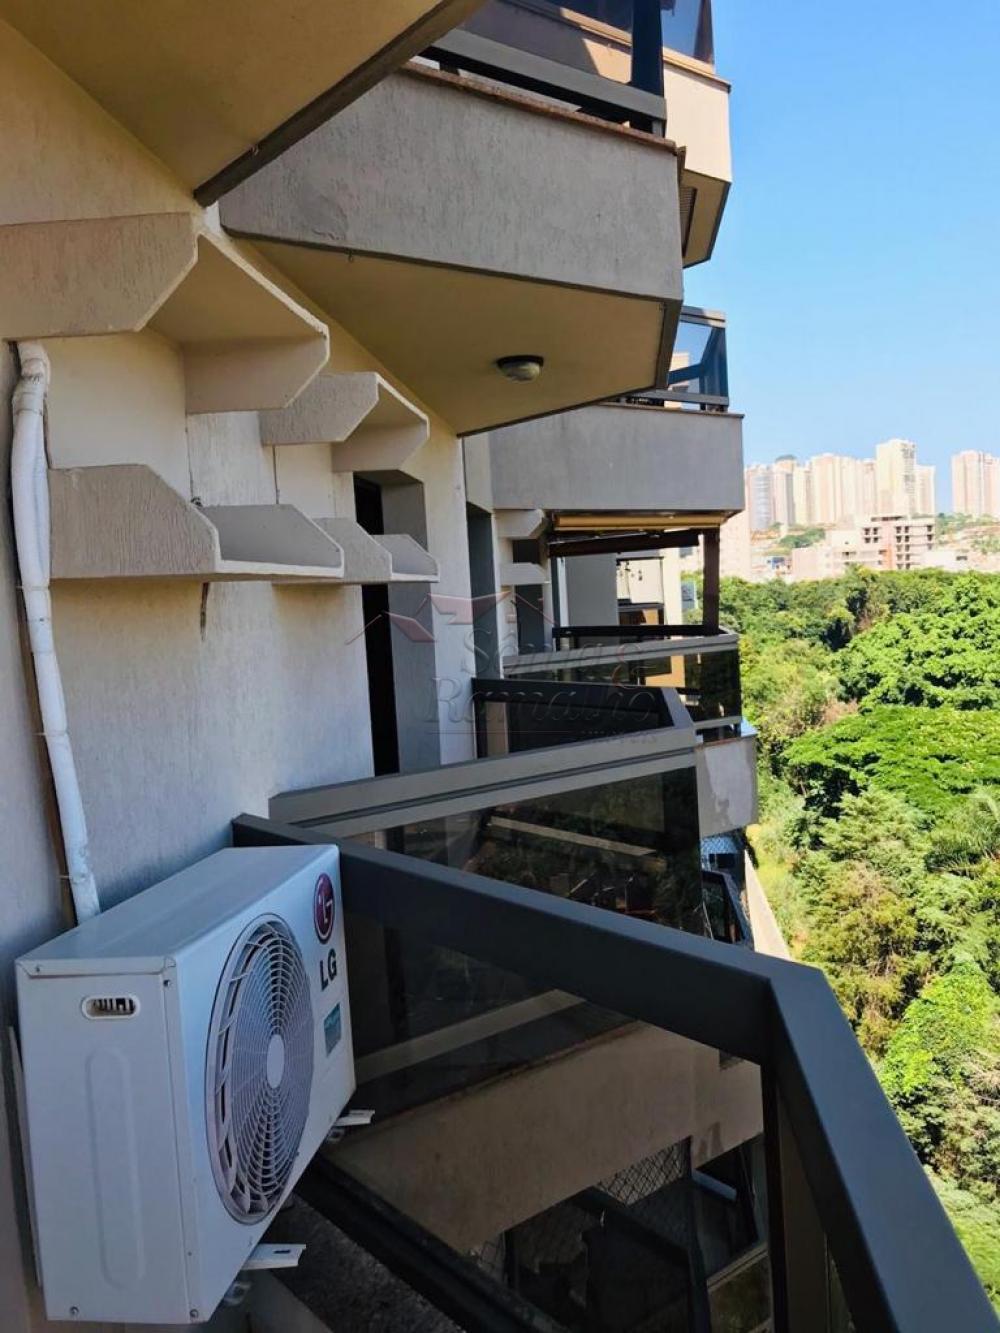 Comprar Apartamentos / Padrão em Ribeirão Preto R$ 460.000,00 - Foto 36